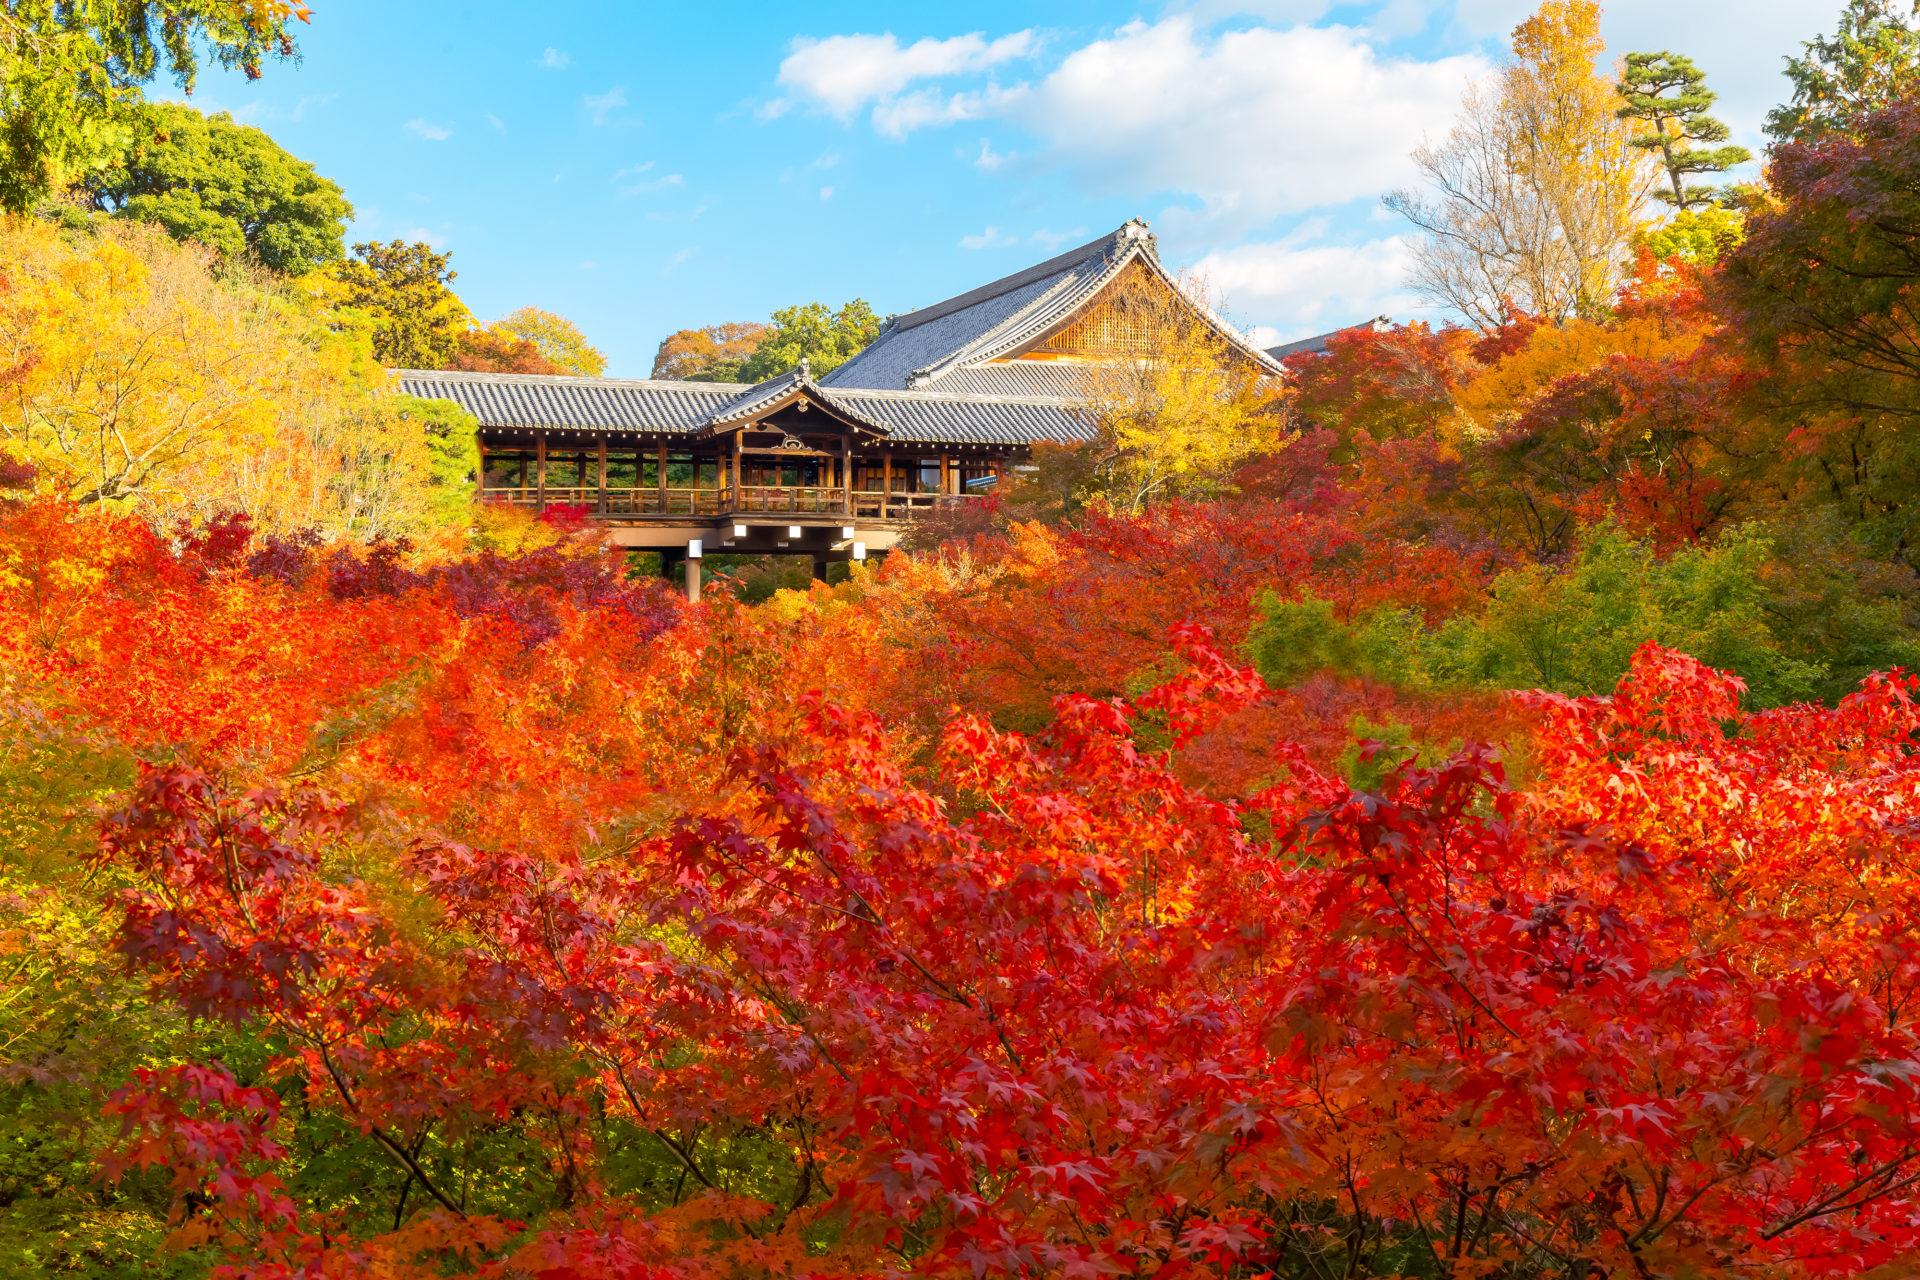 東福寺的楓葉